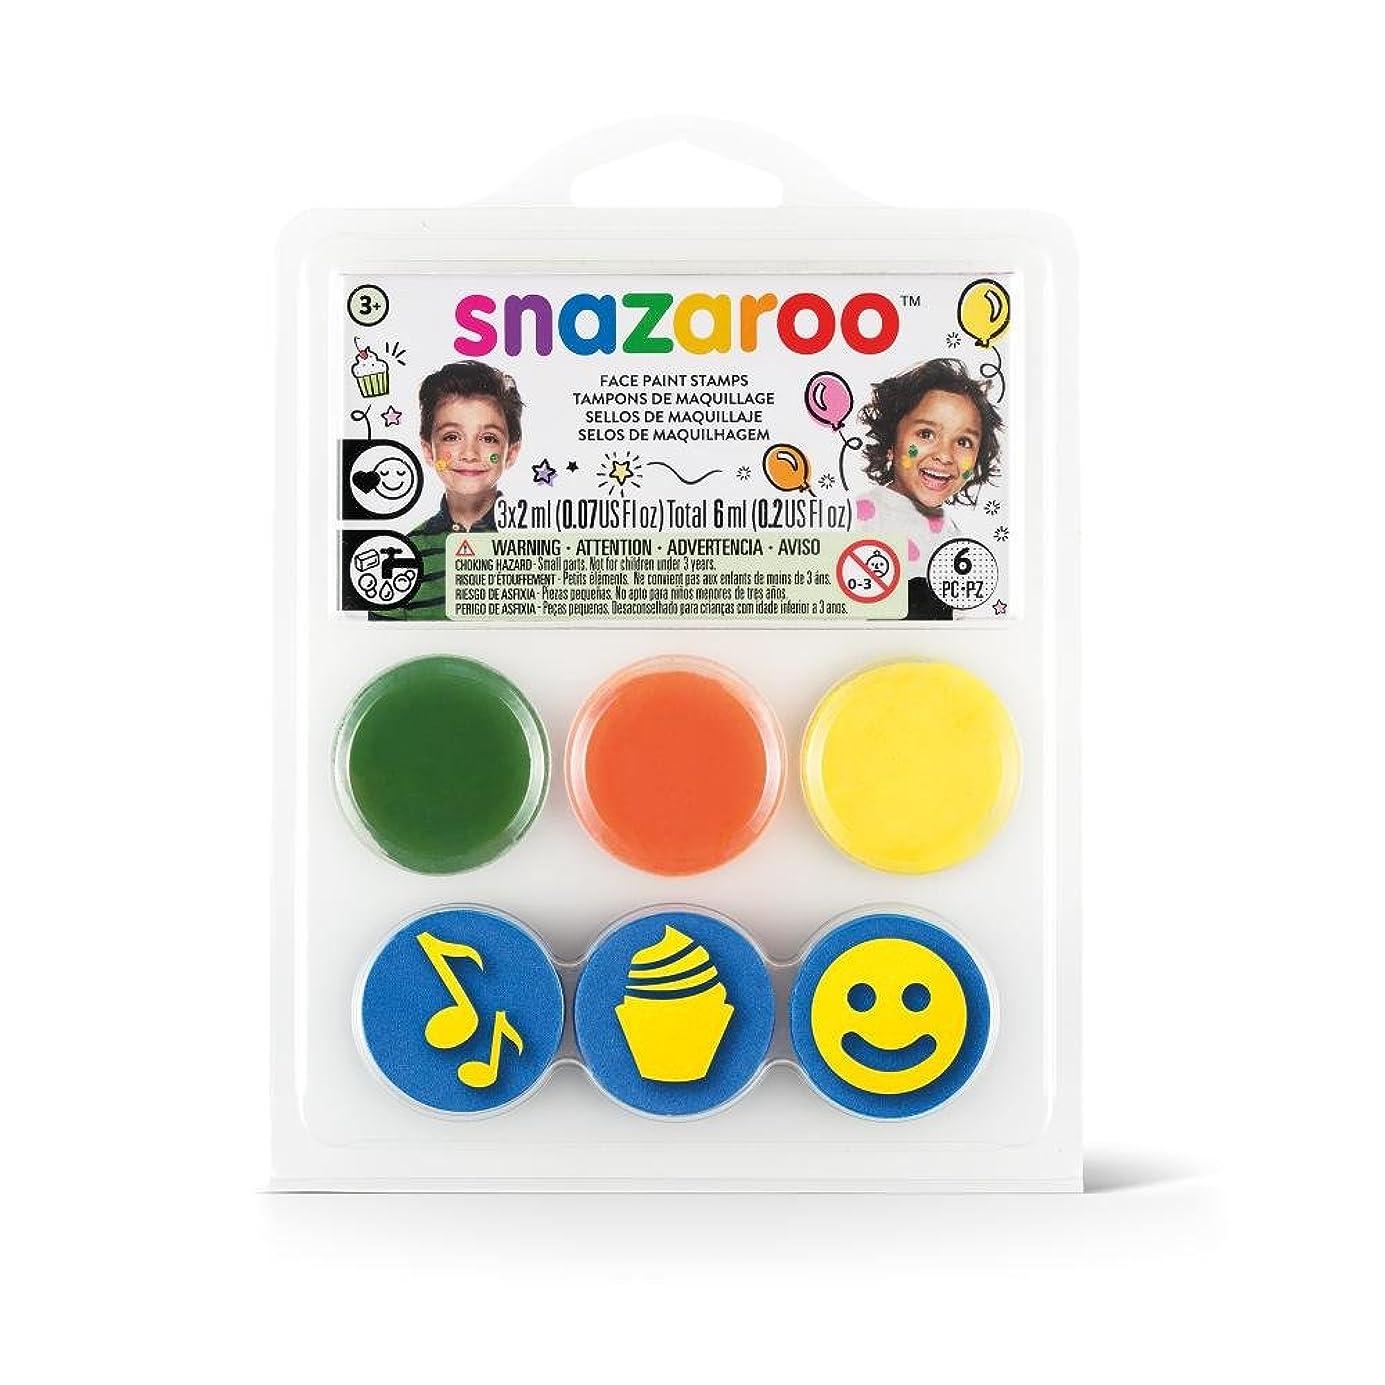 Snazaroo Birthday Party Face Paint Stamp Kit ymiimt3391